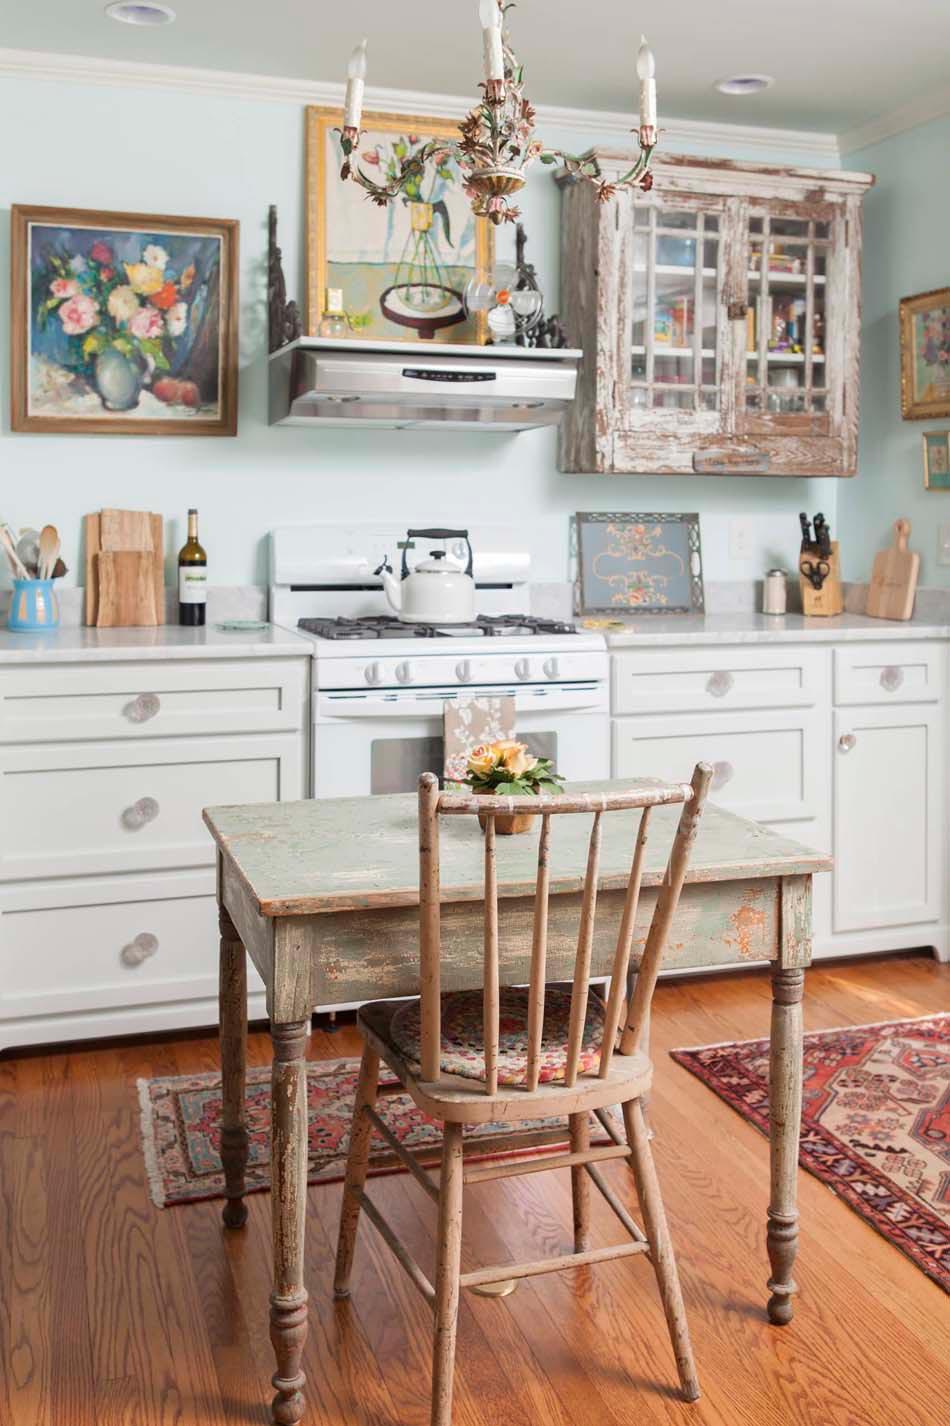 decoration cuisine multicolore avec des id es int ressantes pour la conception de. Black Bedroom Furniture Sets. Home Design Ideas